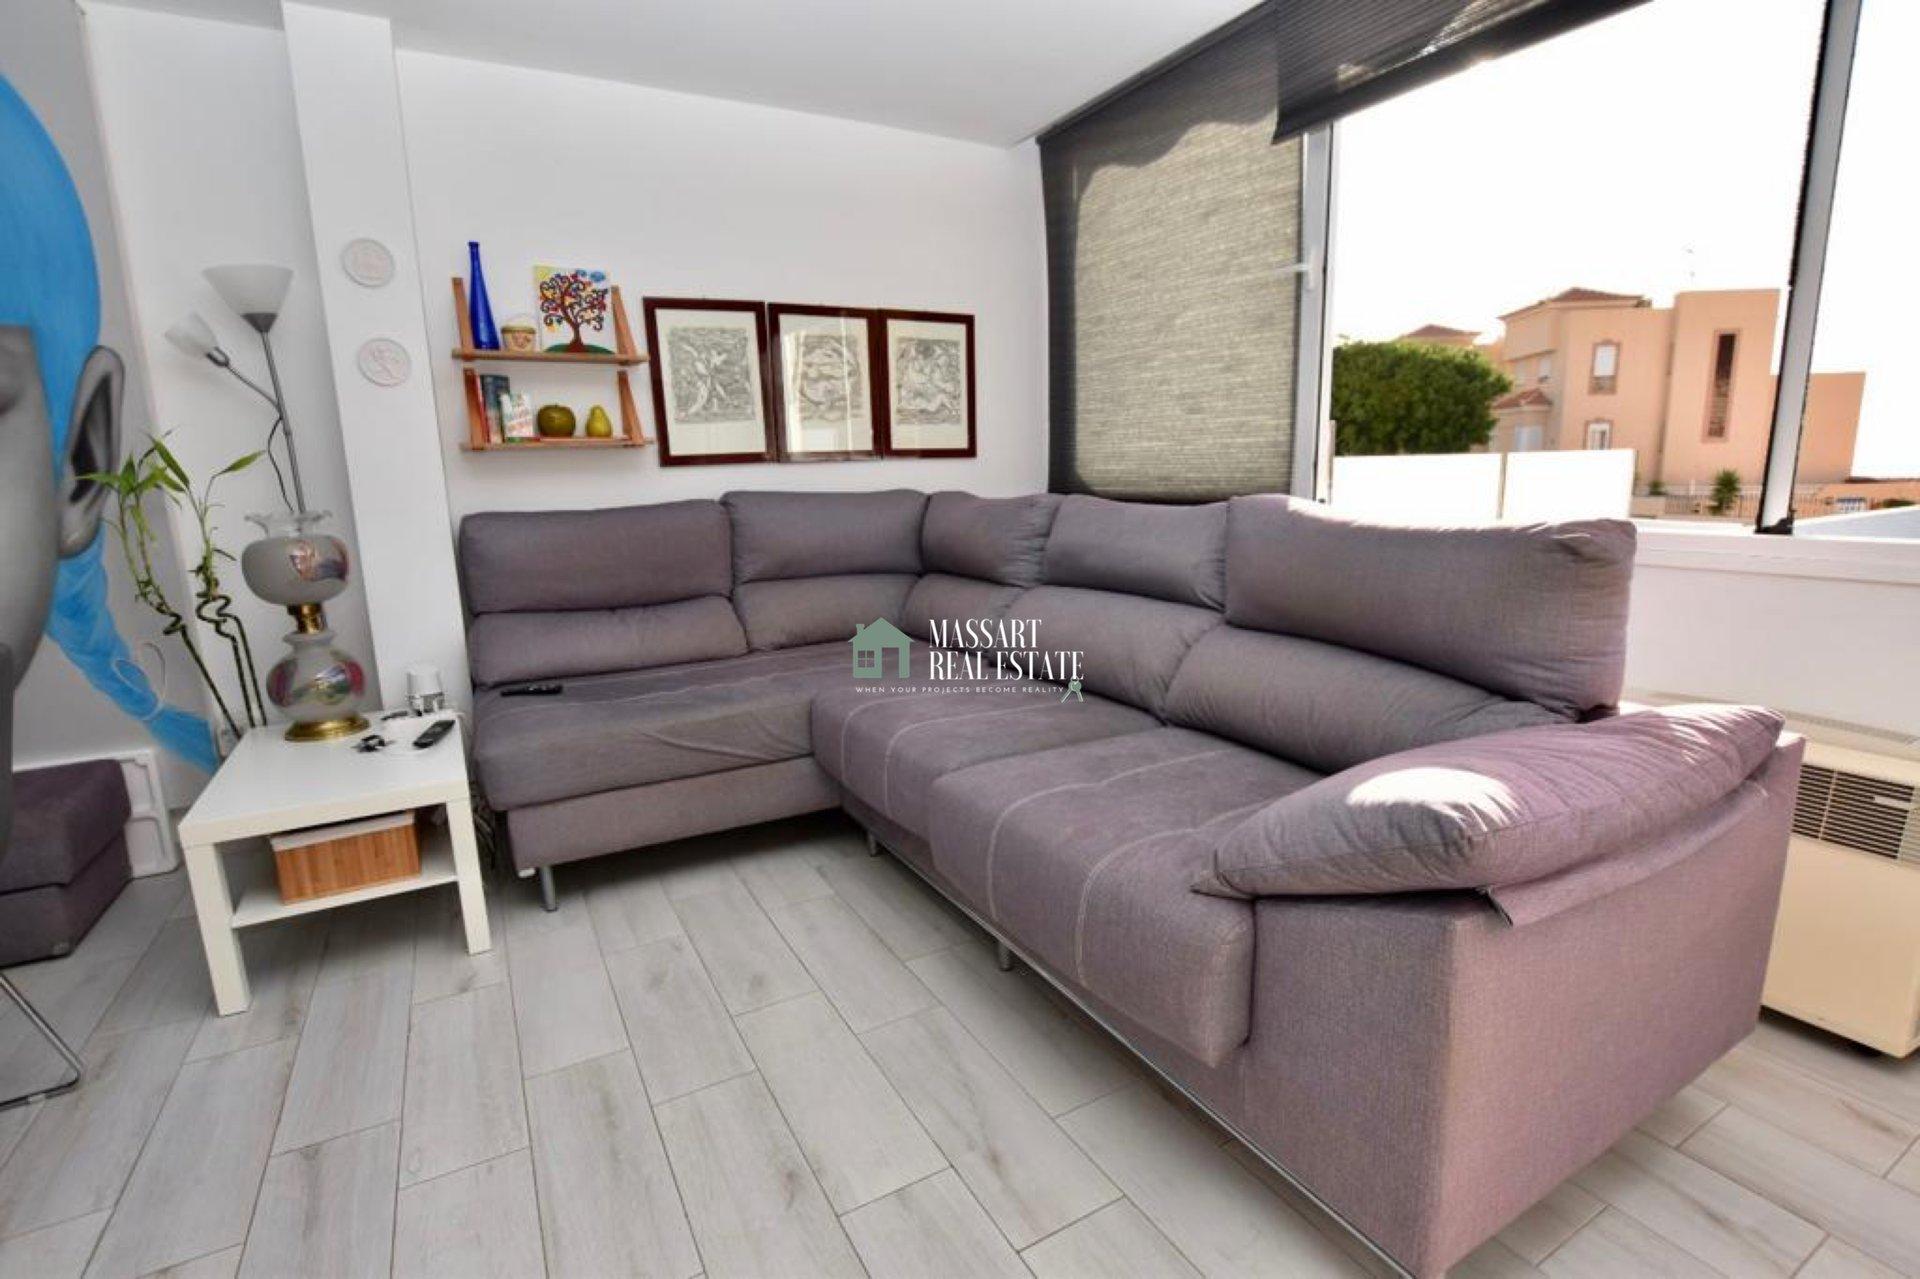 EN VENTA en Torviscas Alto, adosado de esquina de 275 m2 caracterizado por  disponer de una maravillosa terraza privada y por ofrecer hermosas vistas al mar.